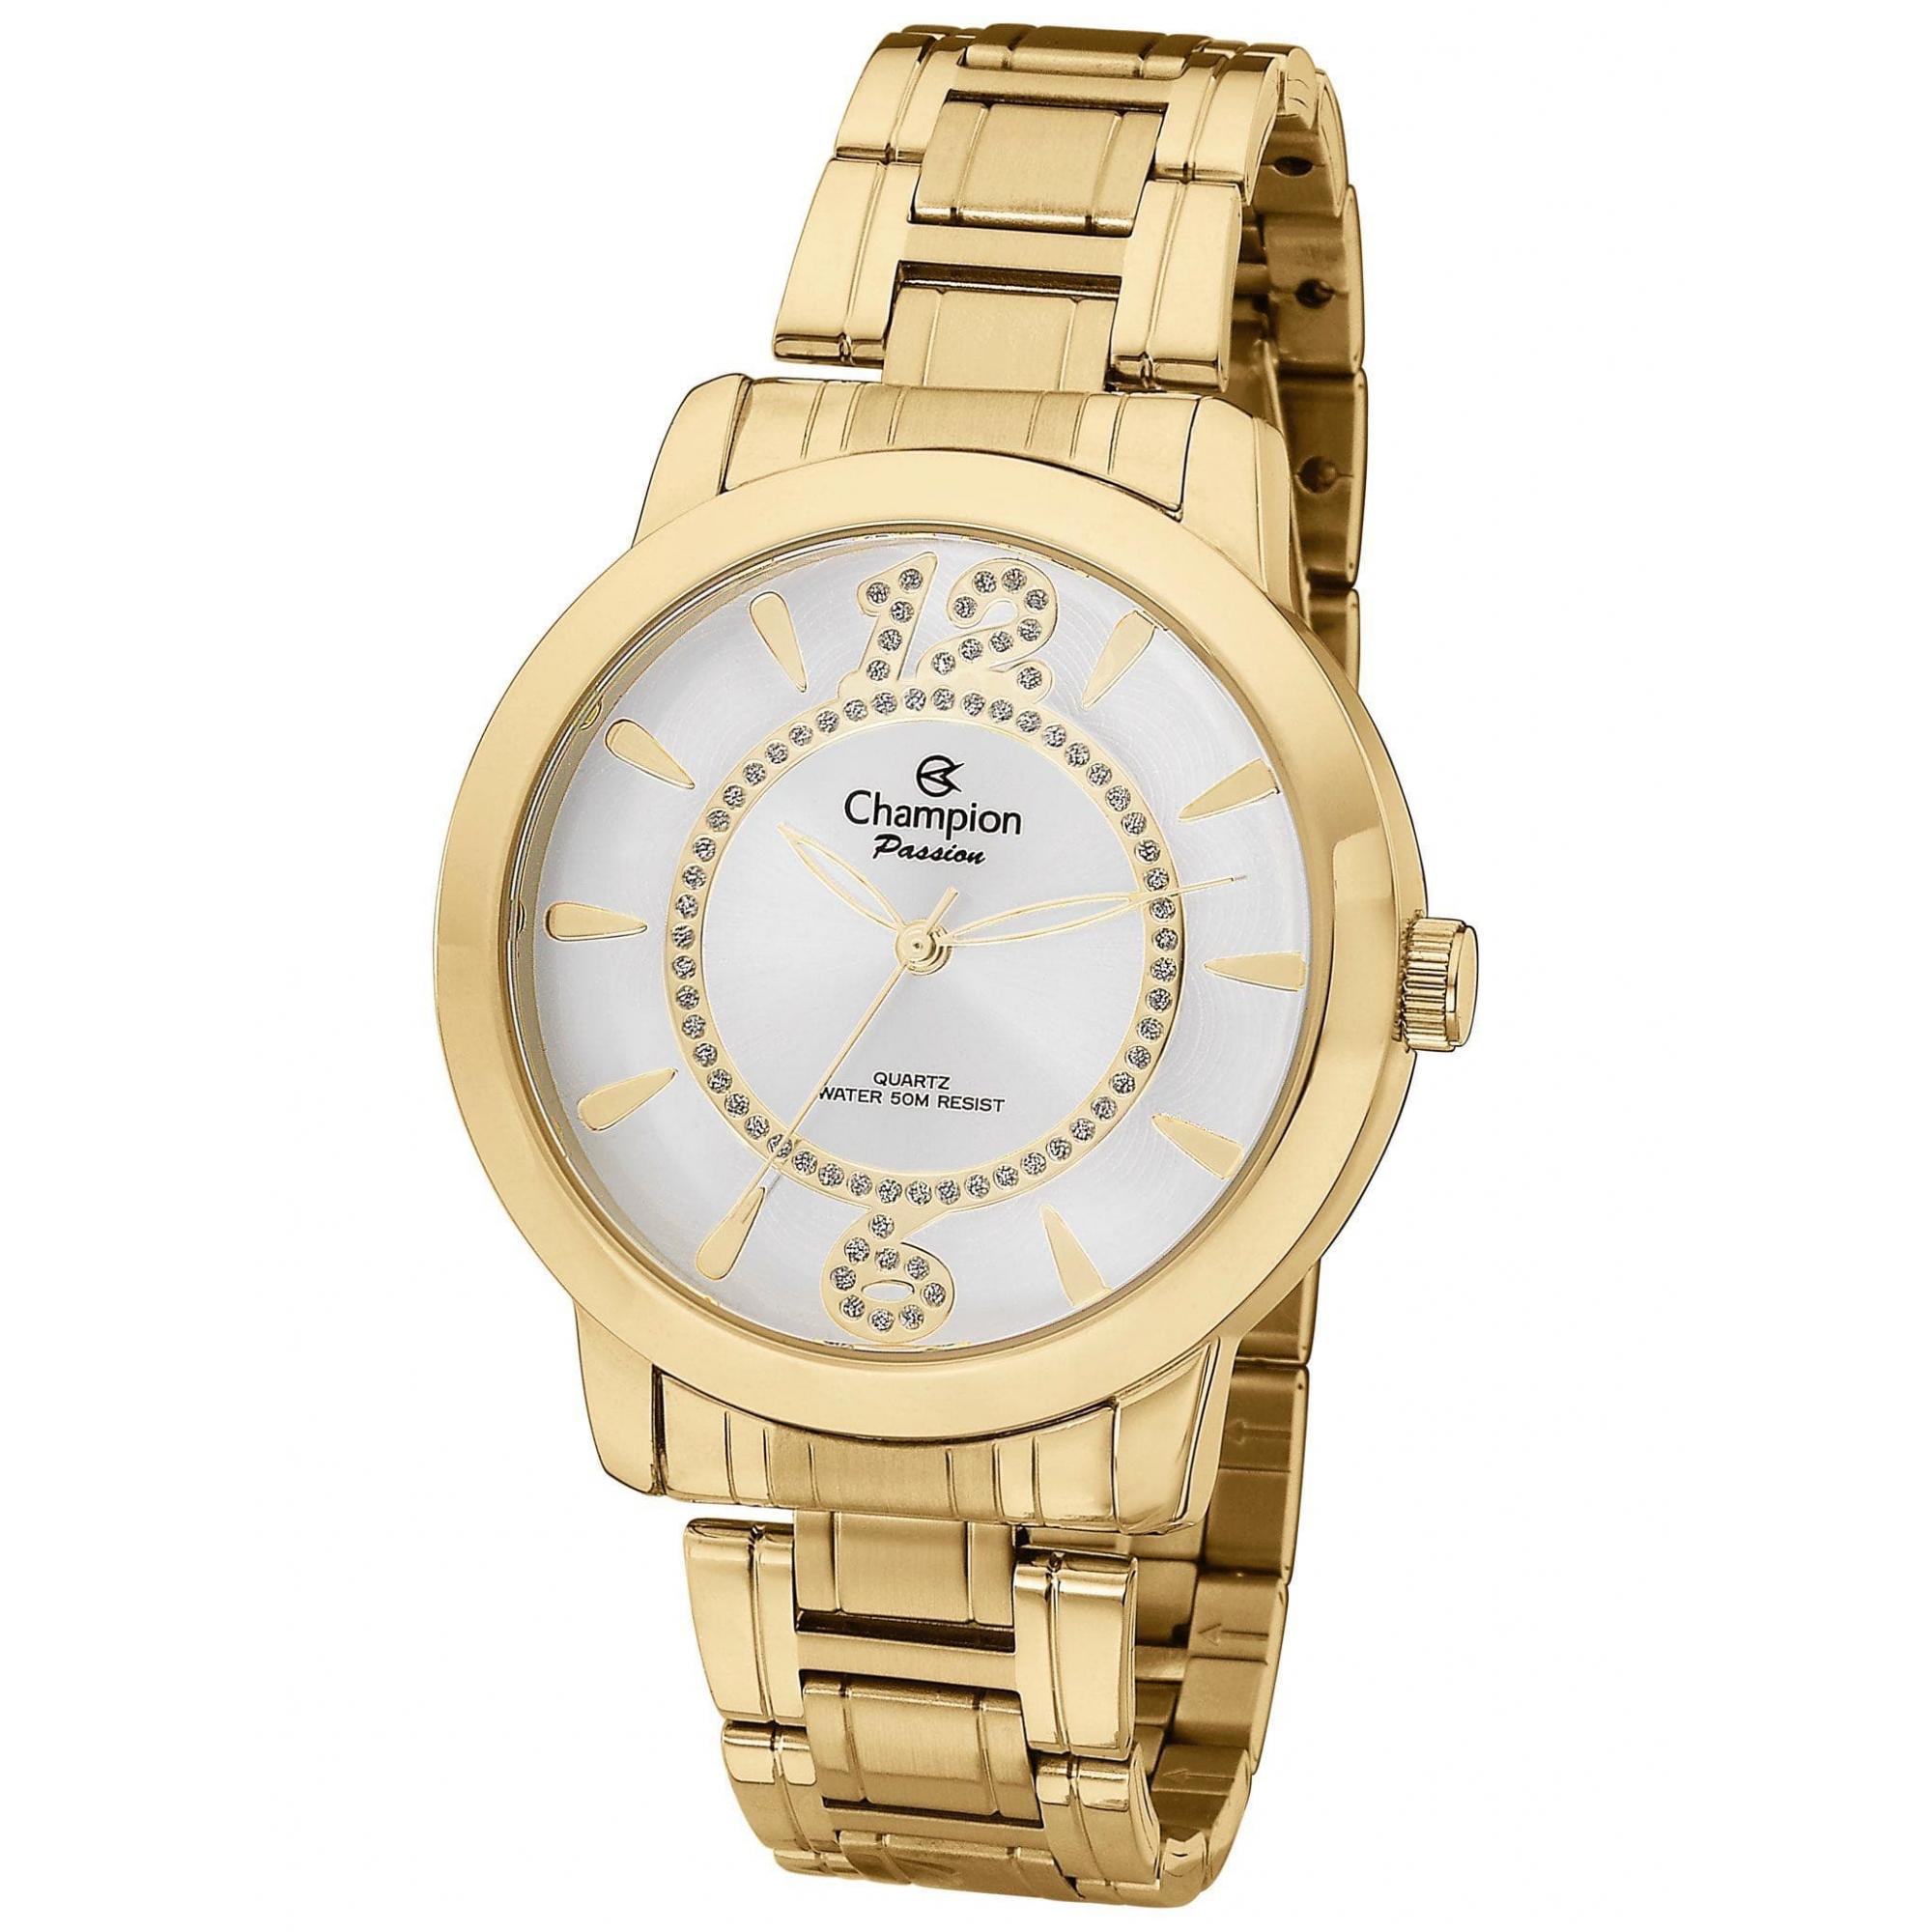 Relógio Champion Feminino Dourado - Passion - CH24259H